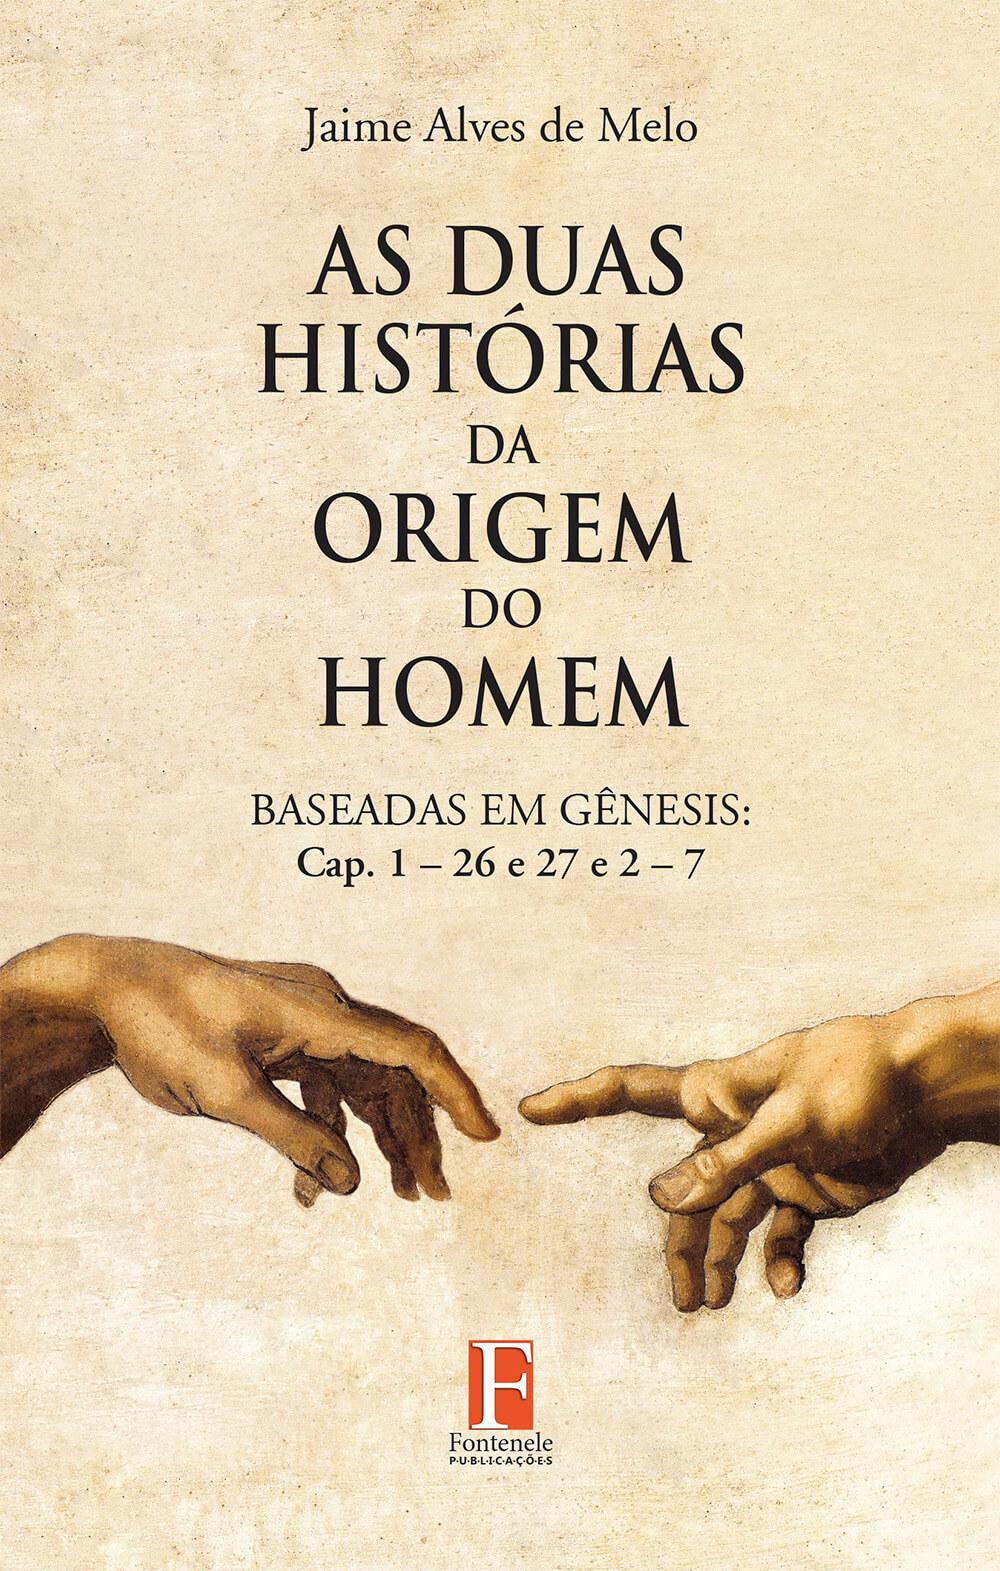 Fontenele Publicações / 11 95150-3481 / 11  95150-4383 AS DUAS HISTÓRIAS DA ORIGEM DO HOMEM